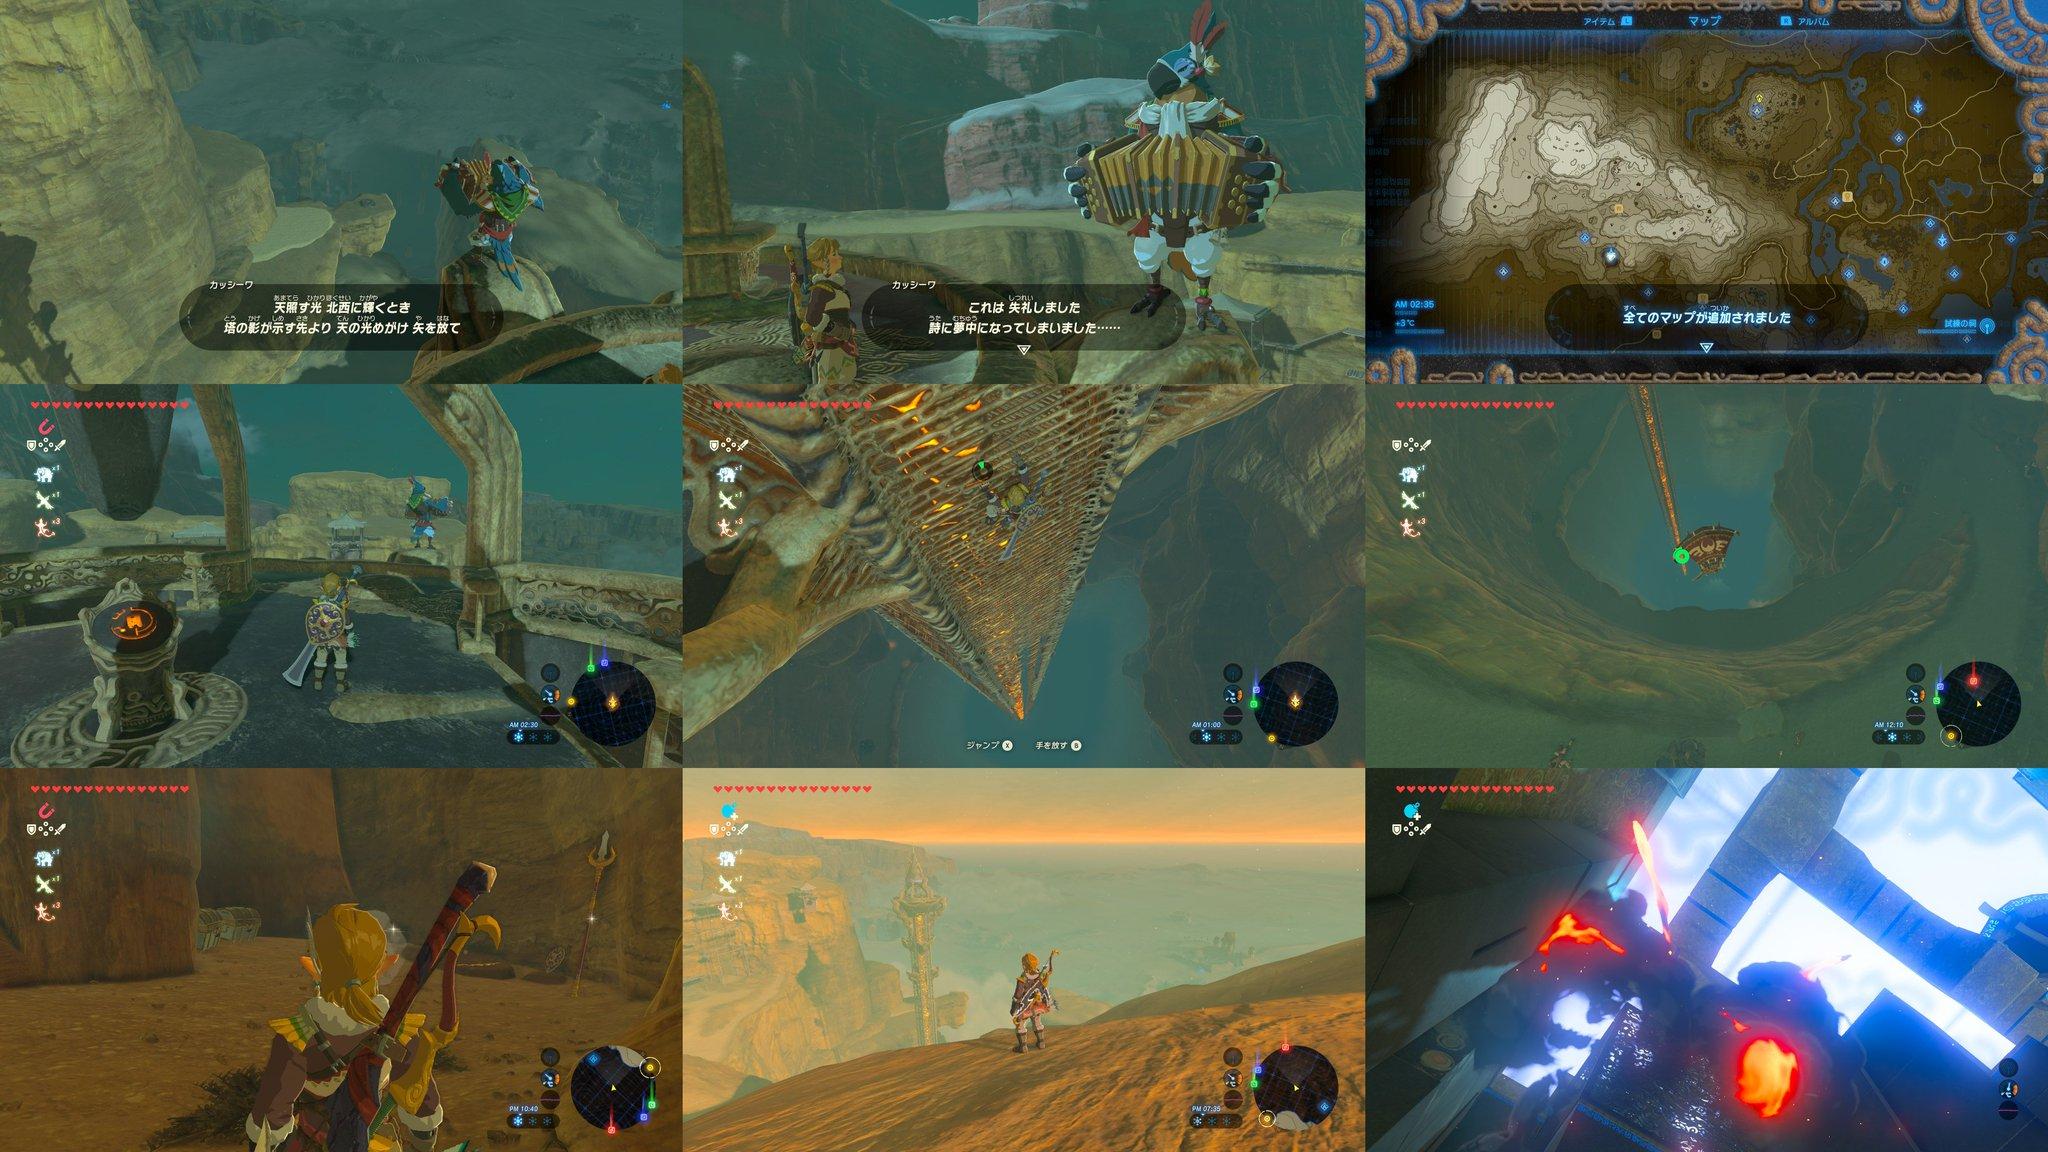 いままでで一番高いというか長い塔だ。ゲルドの塔を制覇して、すべての地図が揃った(∩´∀`)∩ #ゼルダの伝説 #BreathoftheWild #NintendoSwitch https://t.co/OaGyiULWeC